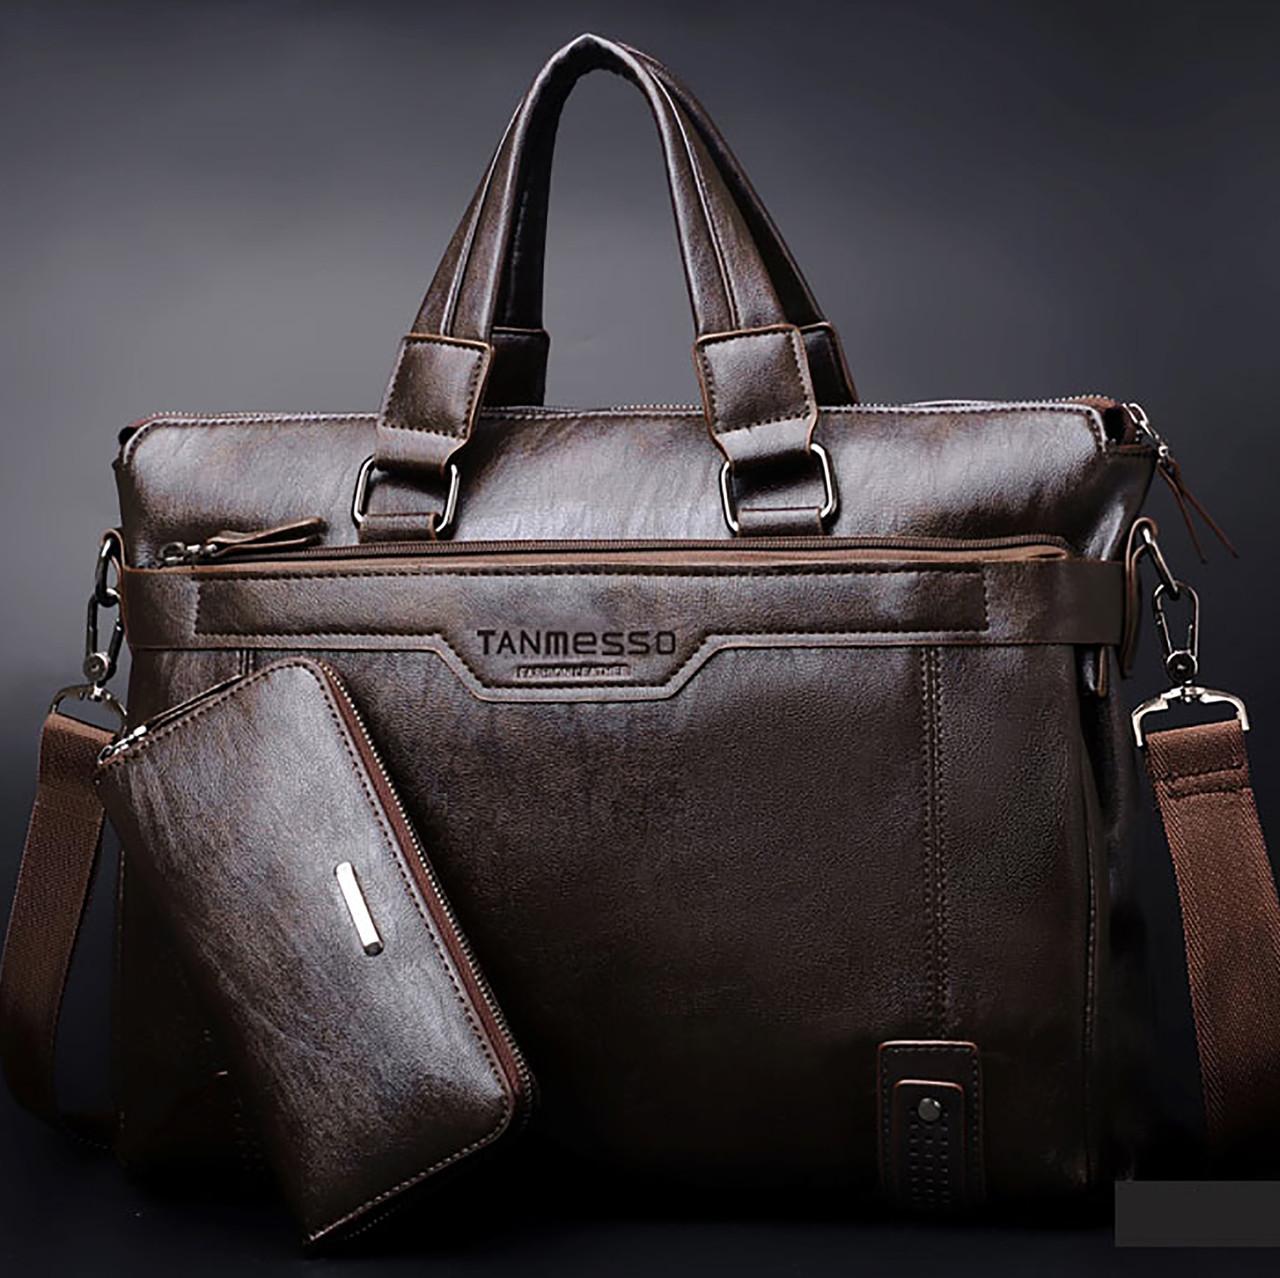 caf9e96d821f Мужская кожаная сумка. Модель 0427 - Интернет-магазин